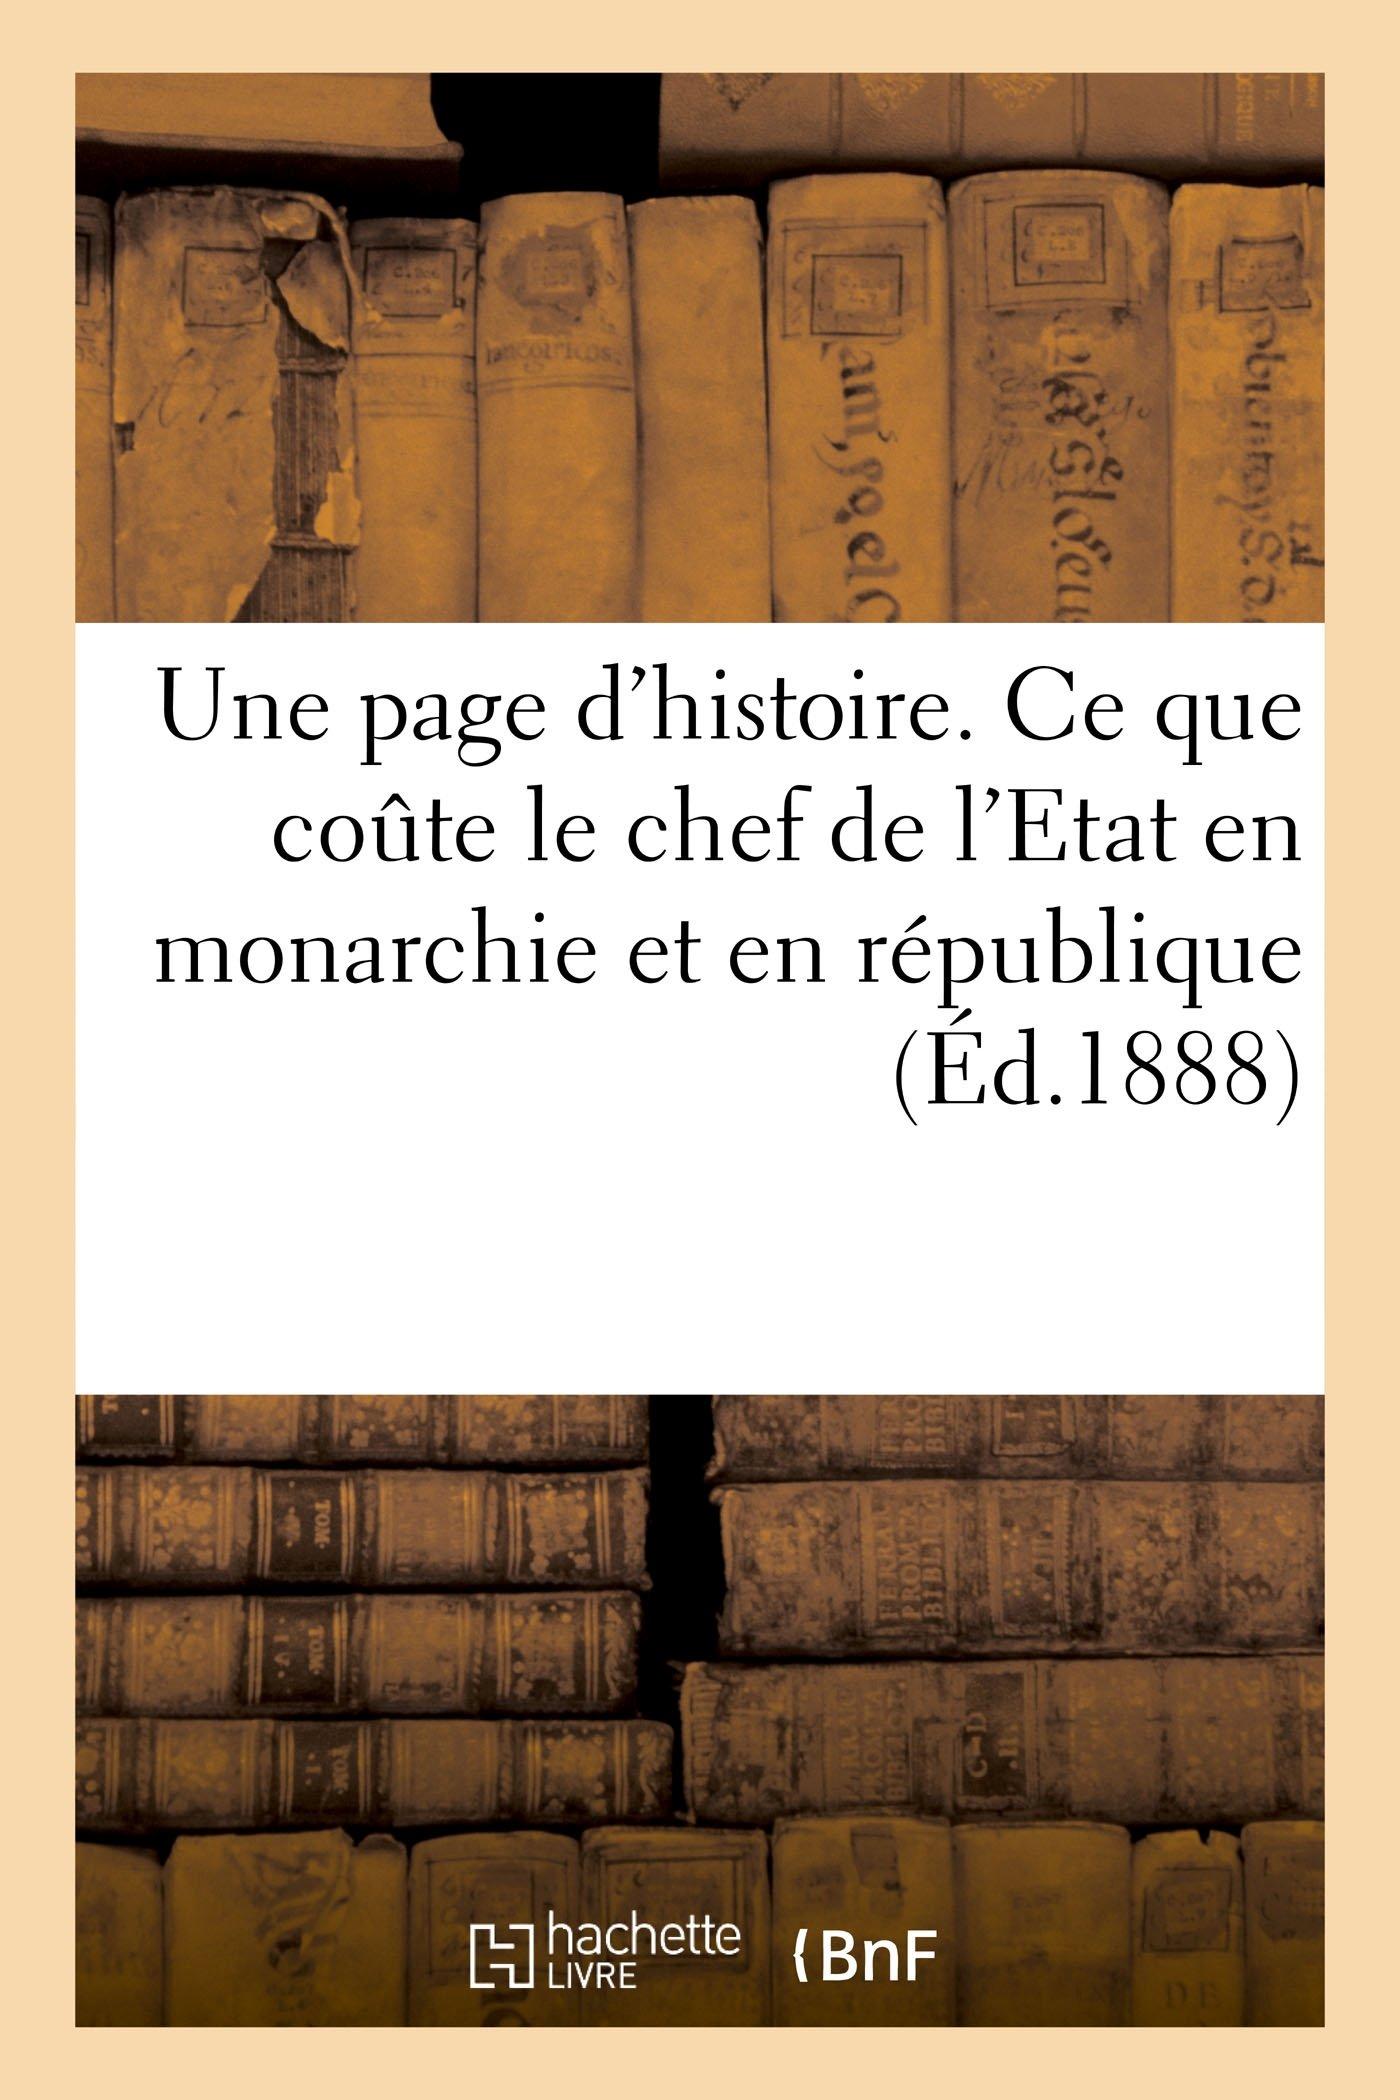 Une page d'histoire. Ce que coute le chef de l'Etat en monarchie et en république (French Edition) pdf epub